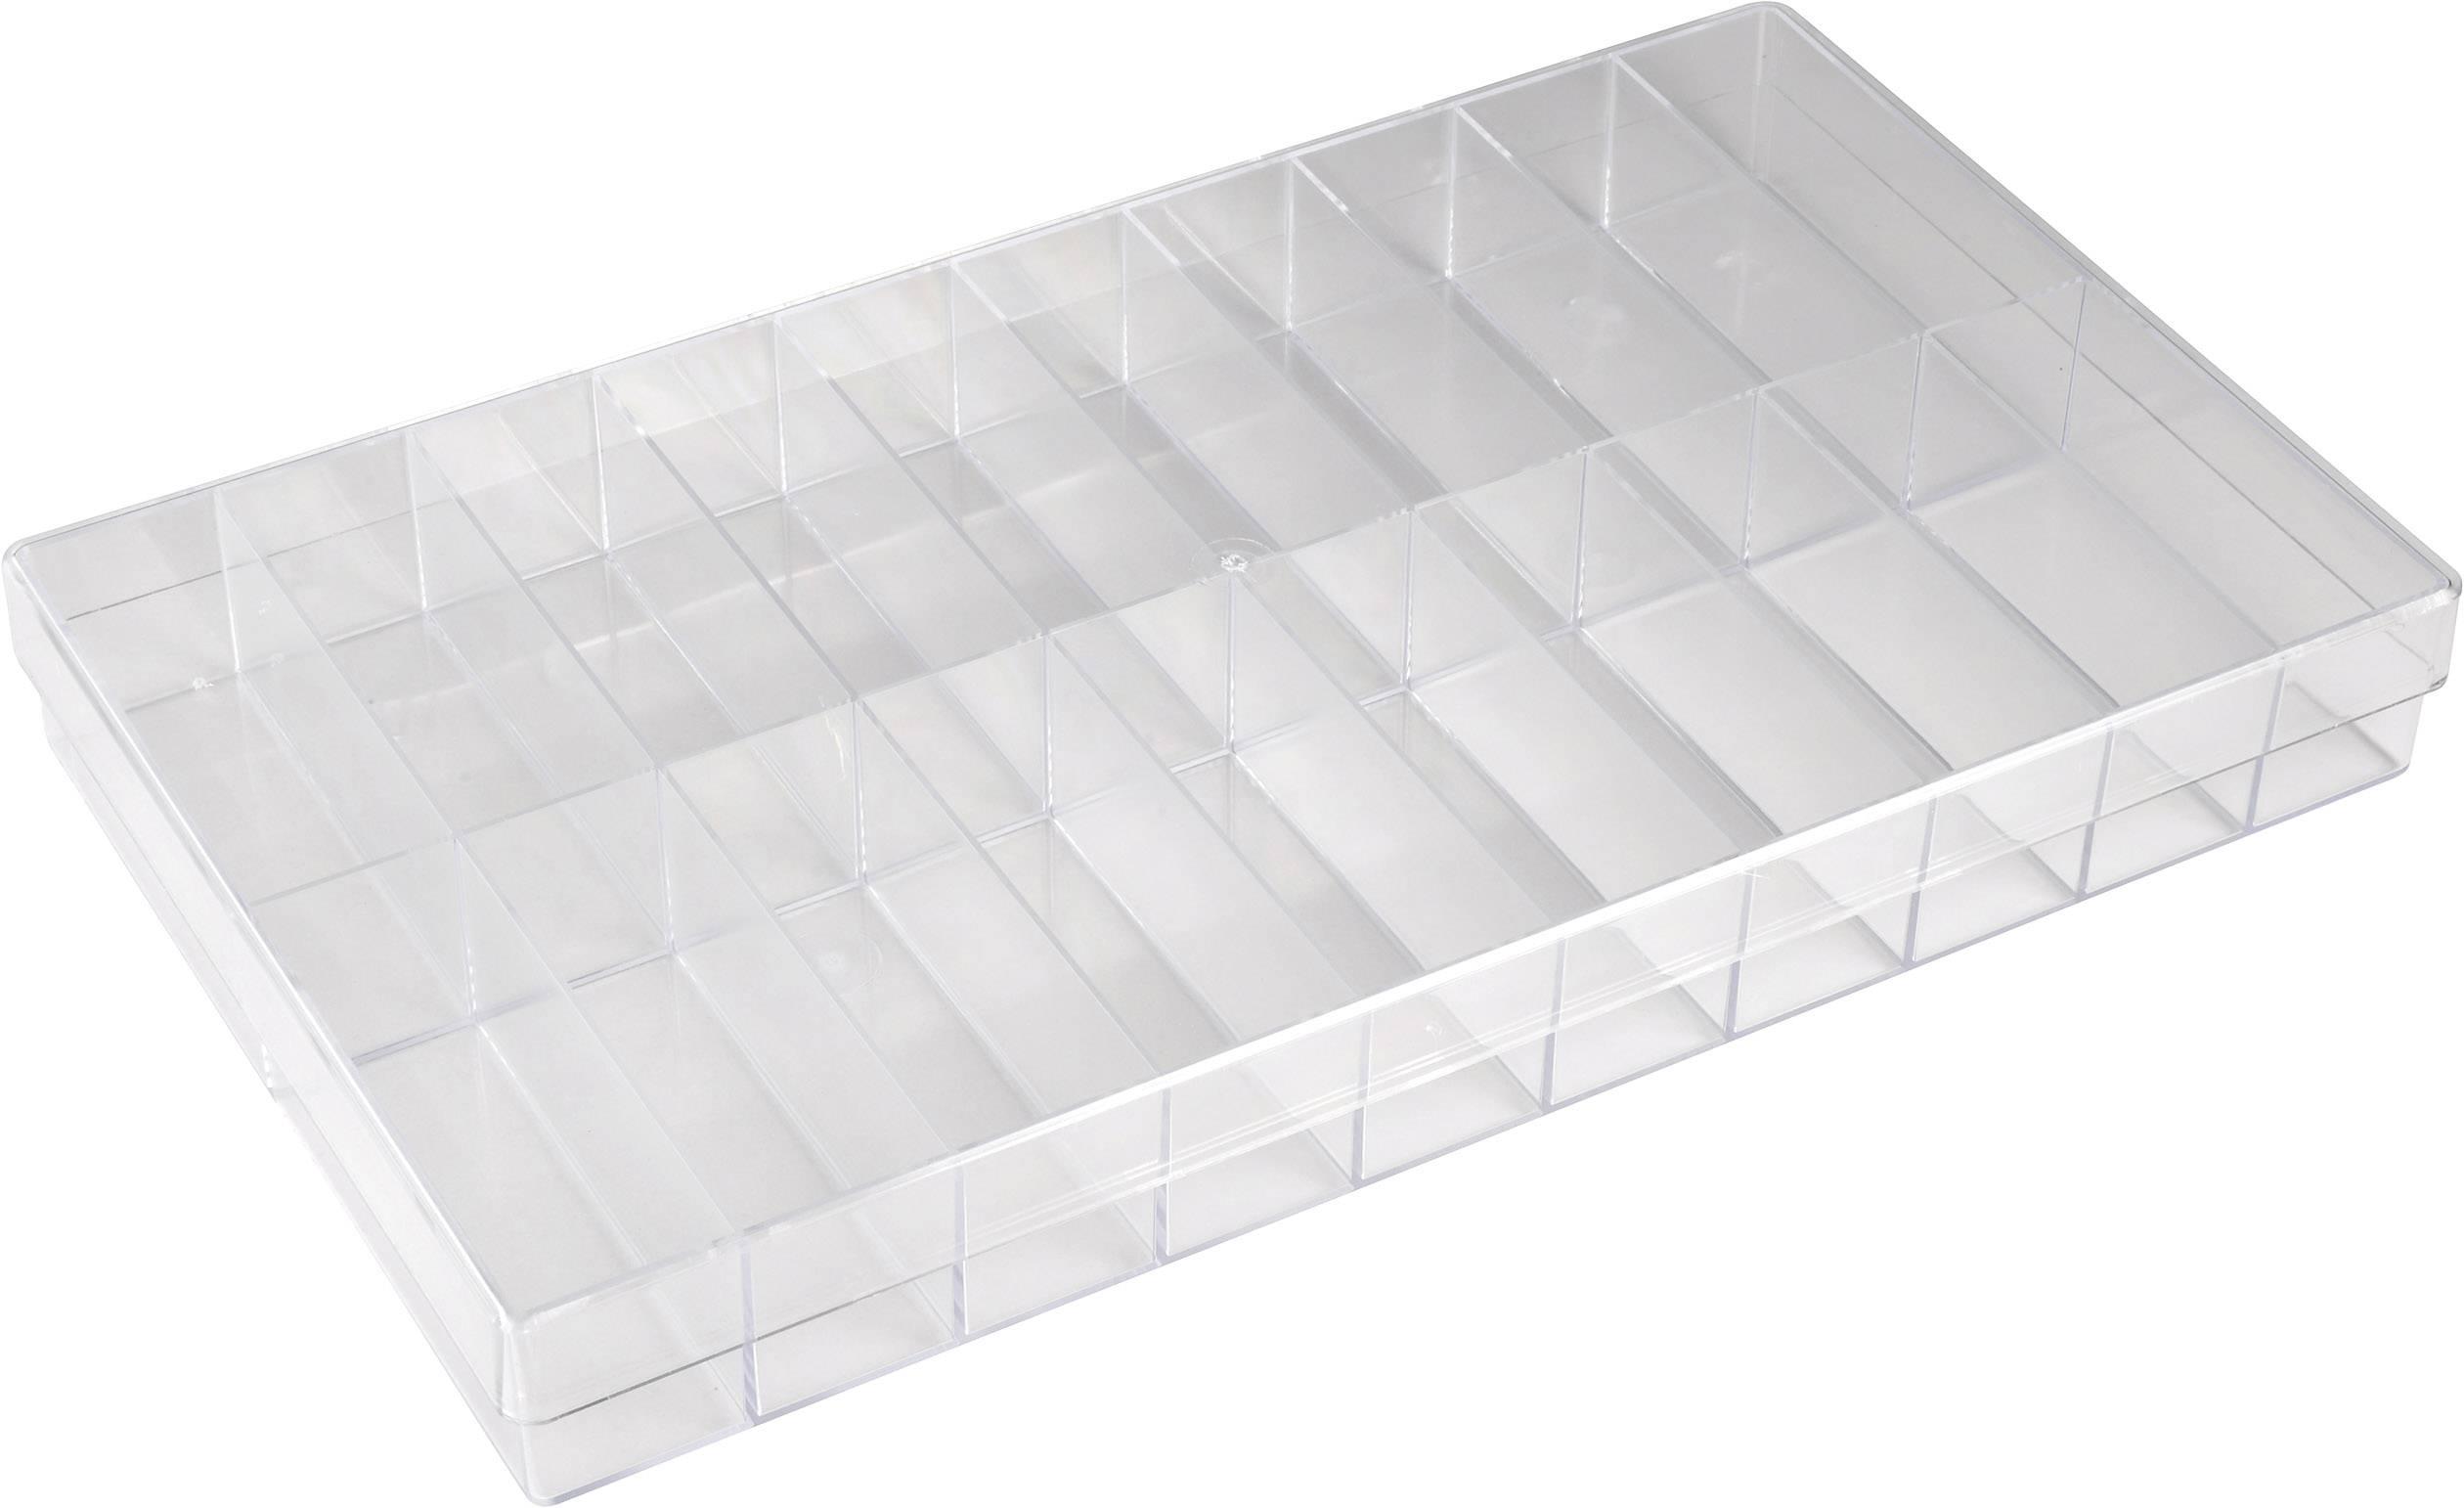 Krabice na součástky - 20 přihrádek